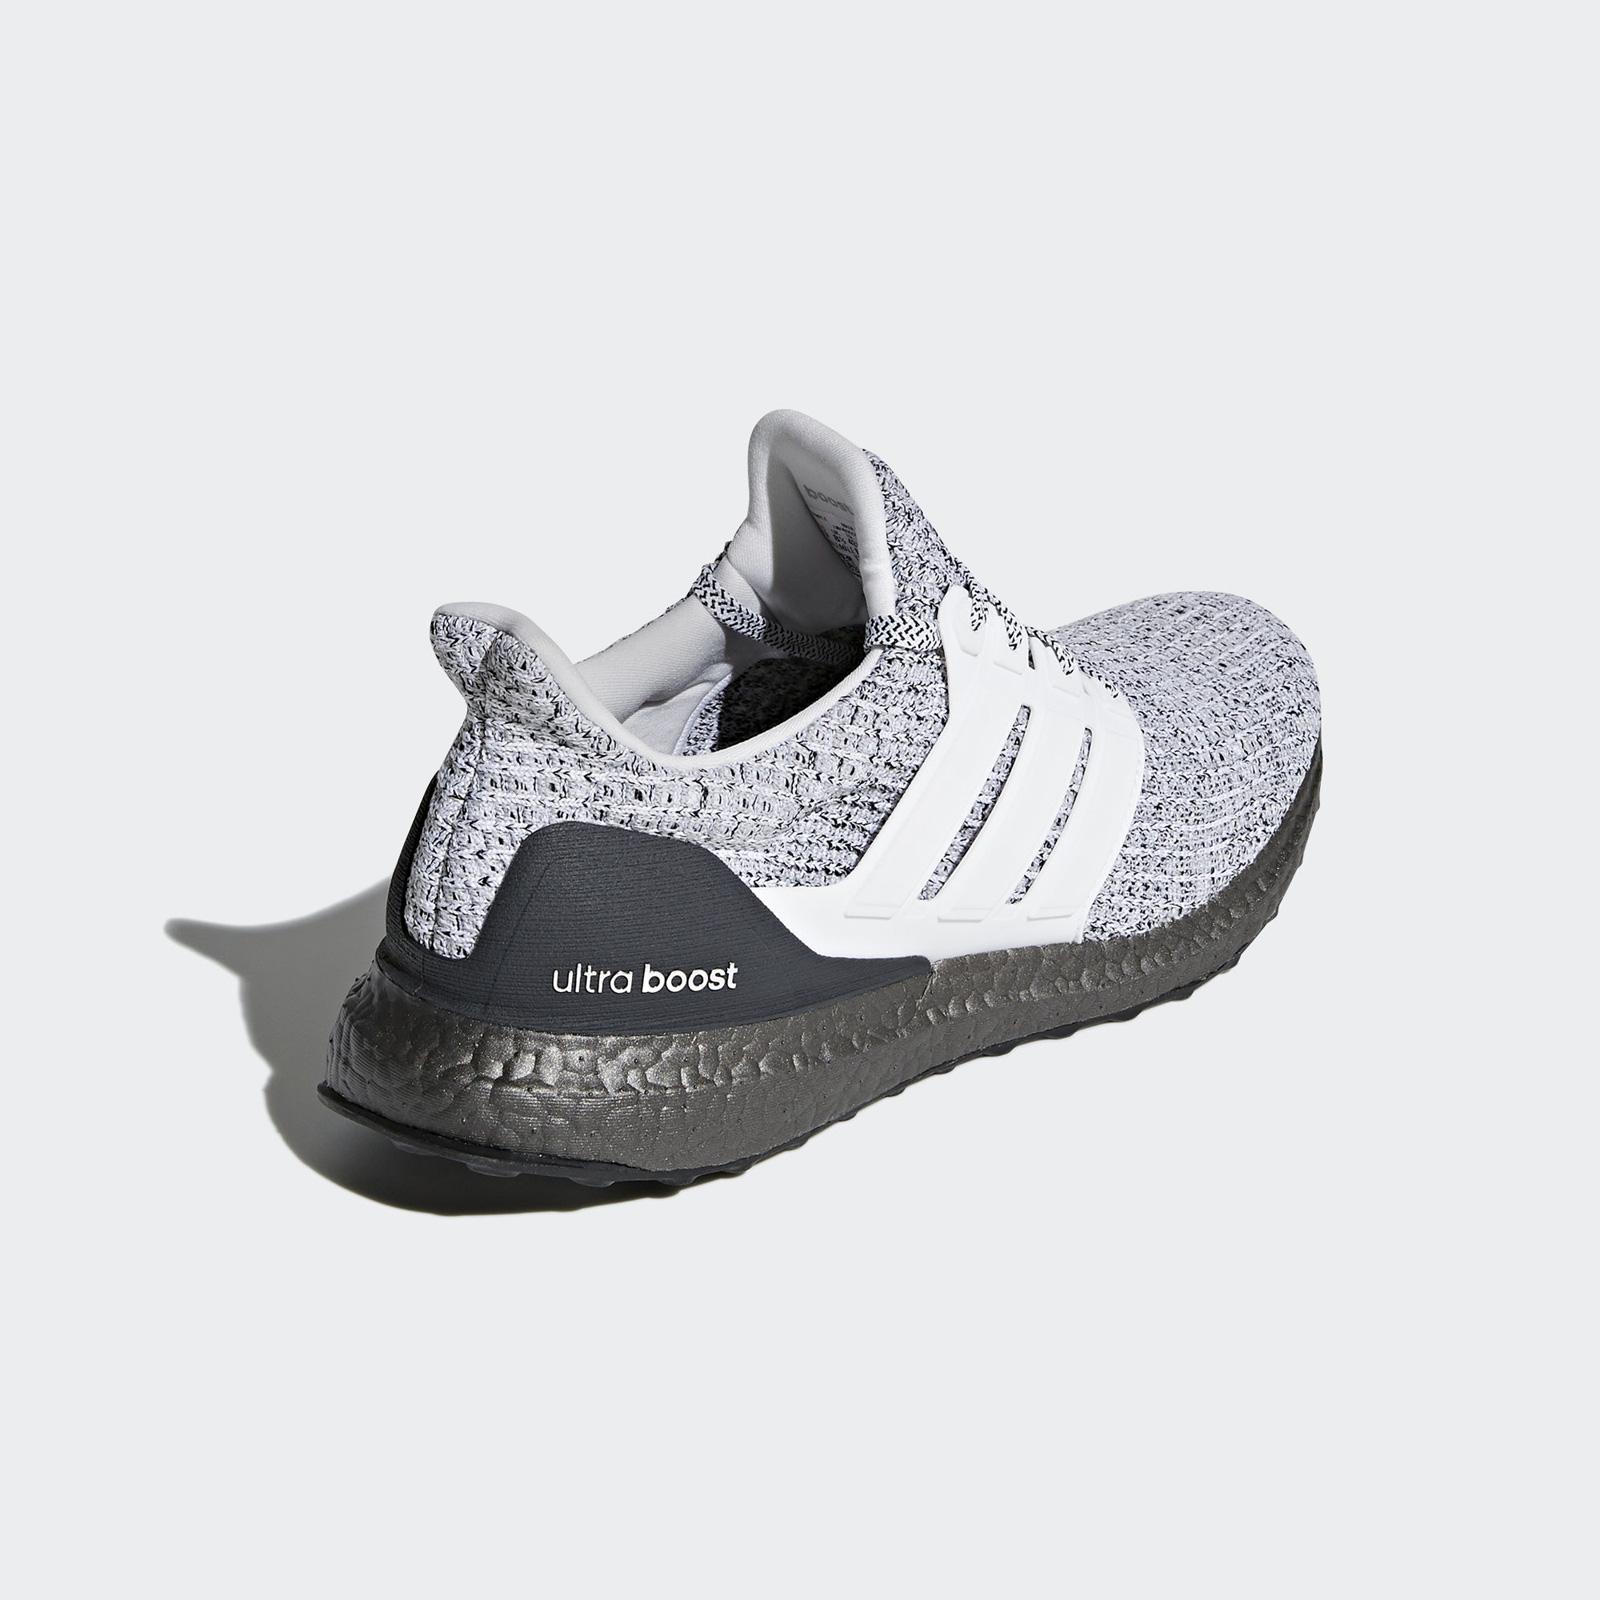 847c61f8a5344 adidas UltraBOOST - Bb6180 - Sneakersnstuff